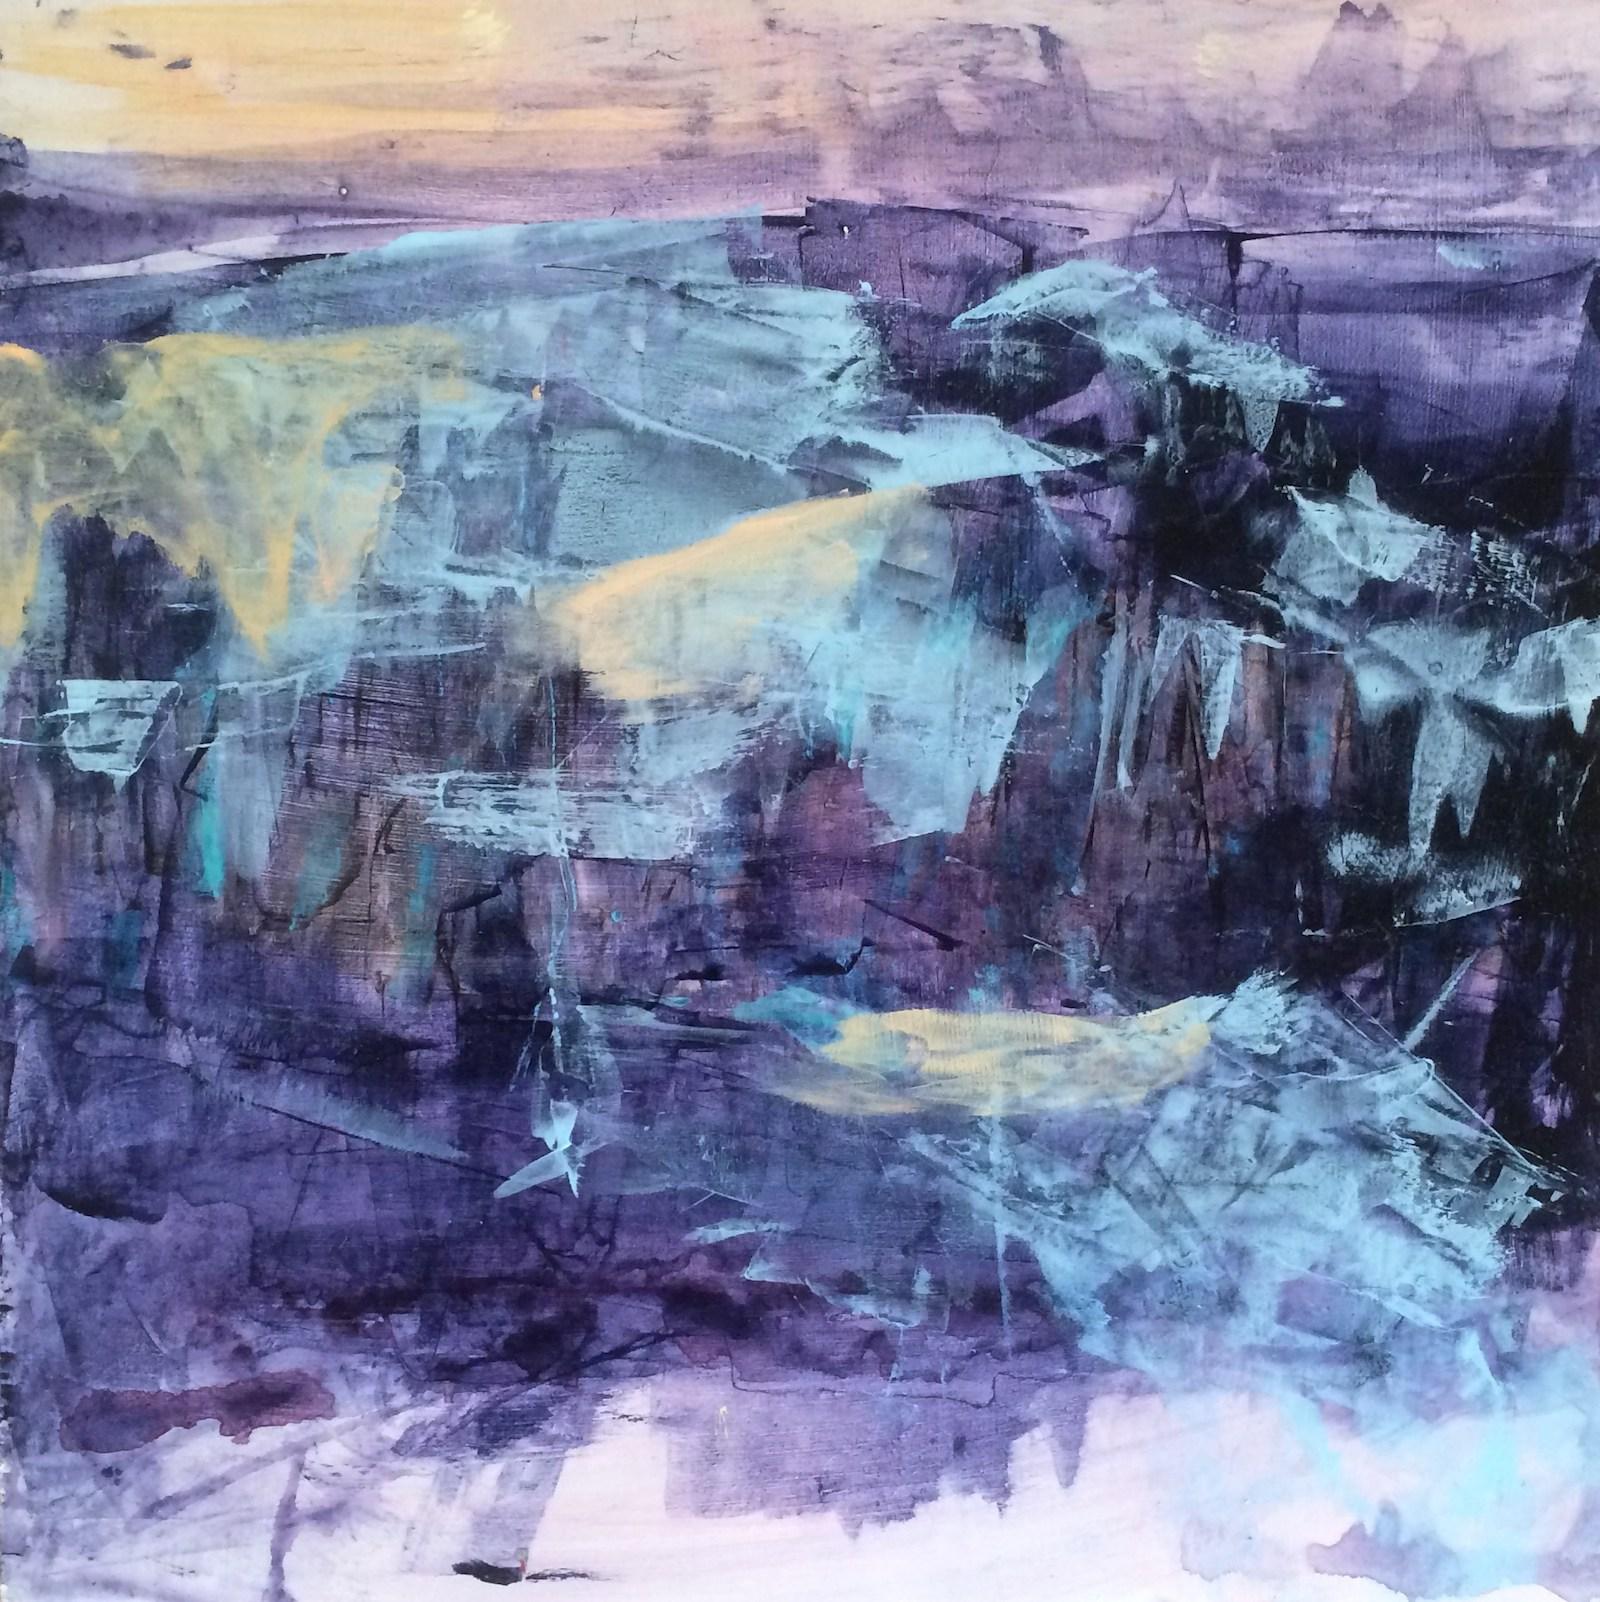 lilac cliffs, 40 cm x 40 cm, acrylic on mdf, 2016, Jane Hughes